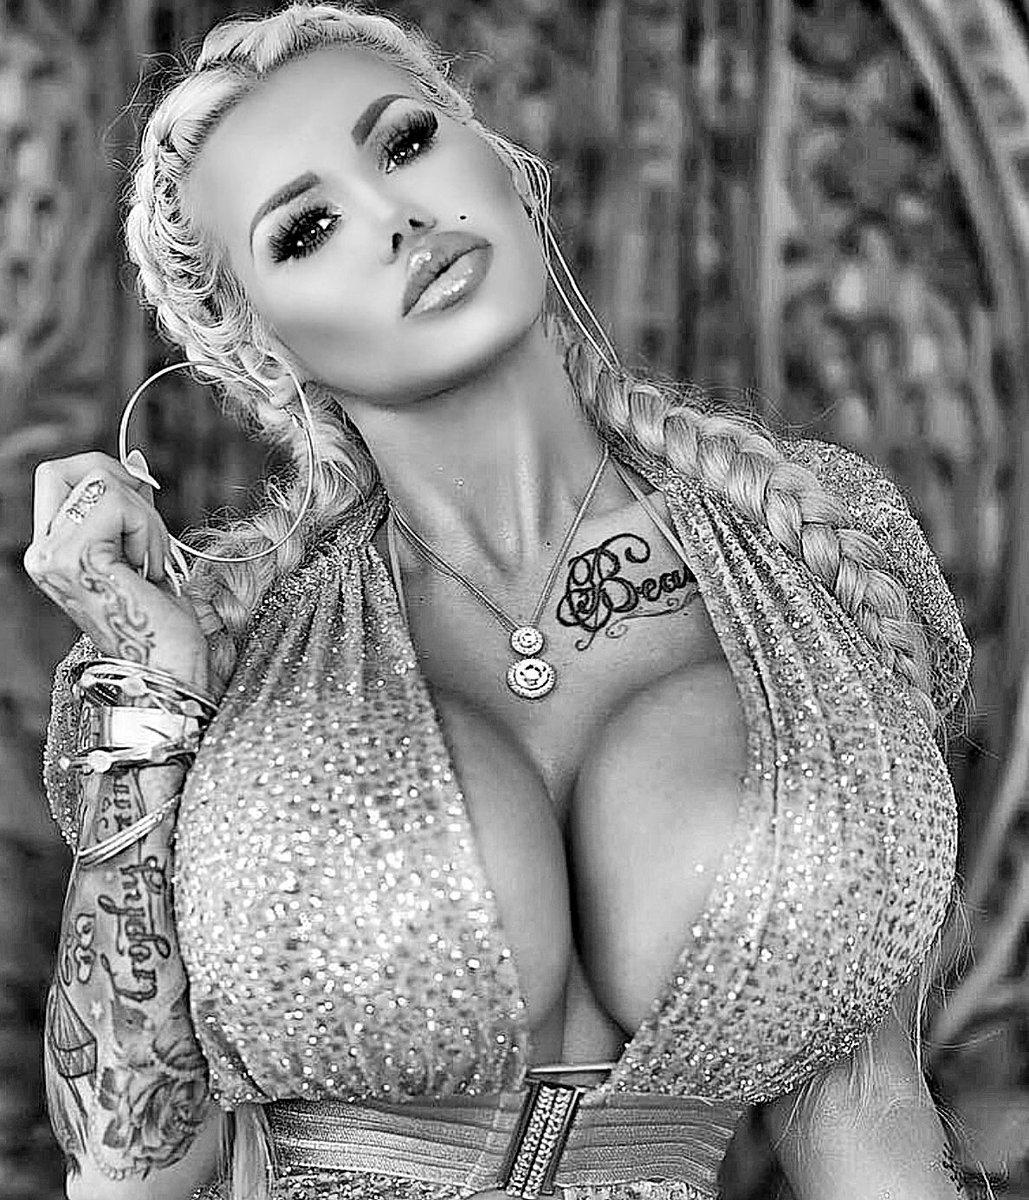 изо силиконовая грудь фотомодель чиччолина прославилась своим